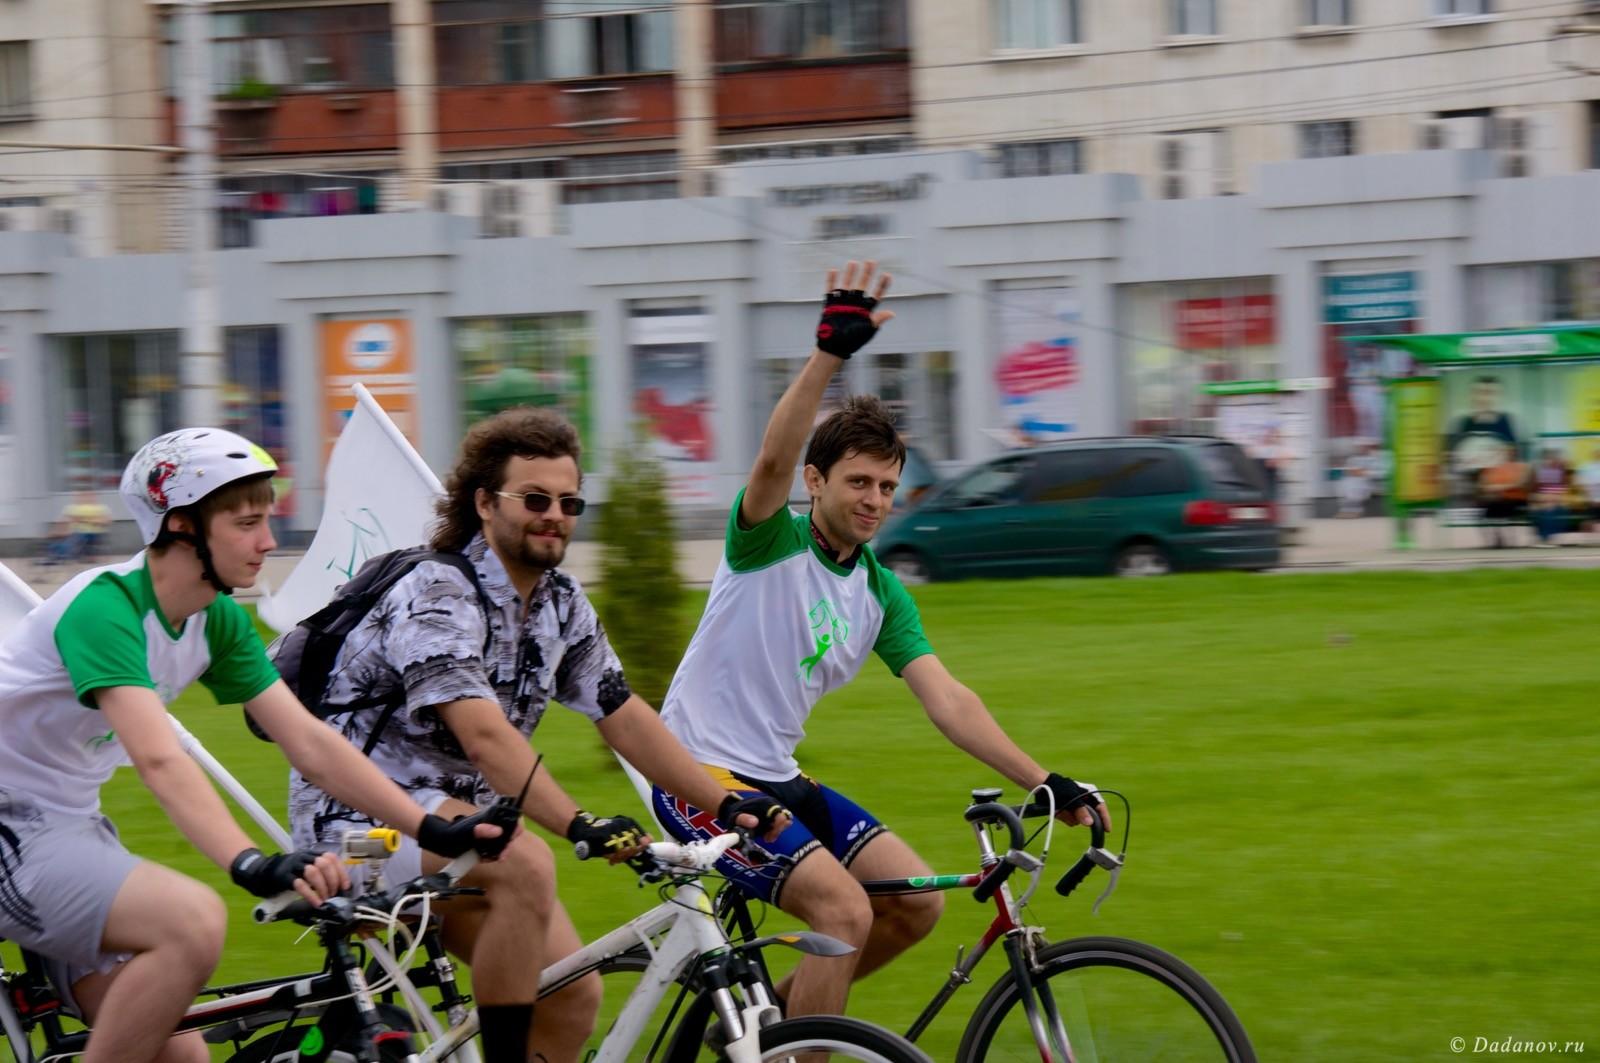 Велодень 2016 в Липецке состоялся. Фотографии с мероприятия 3003